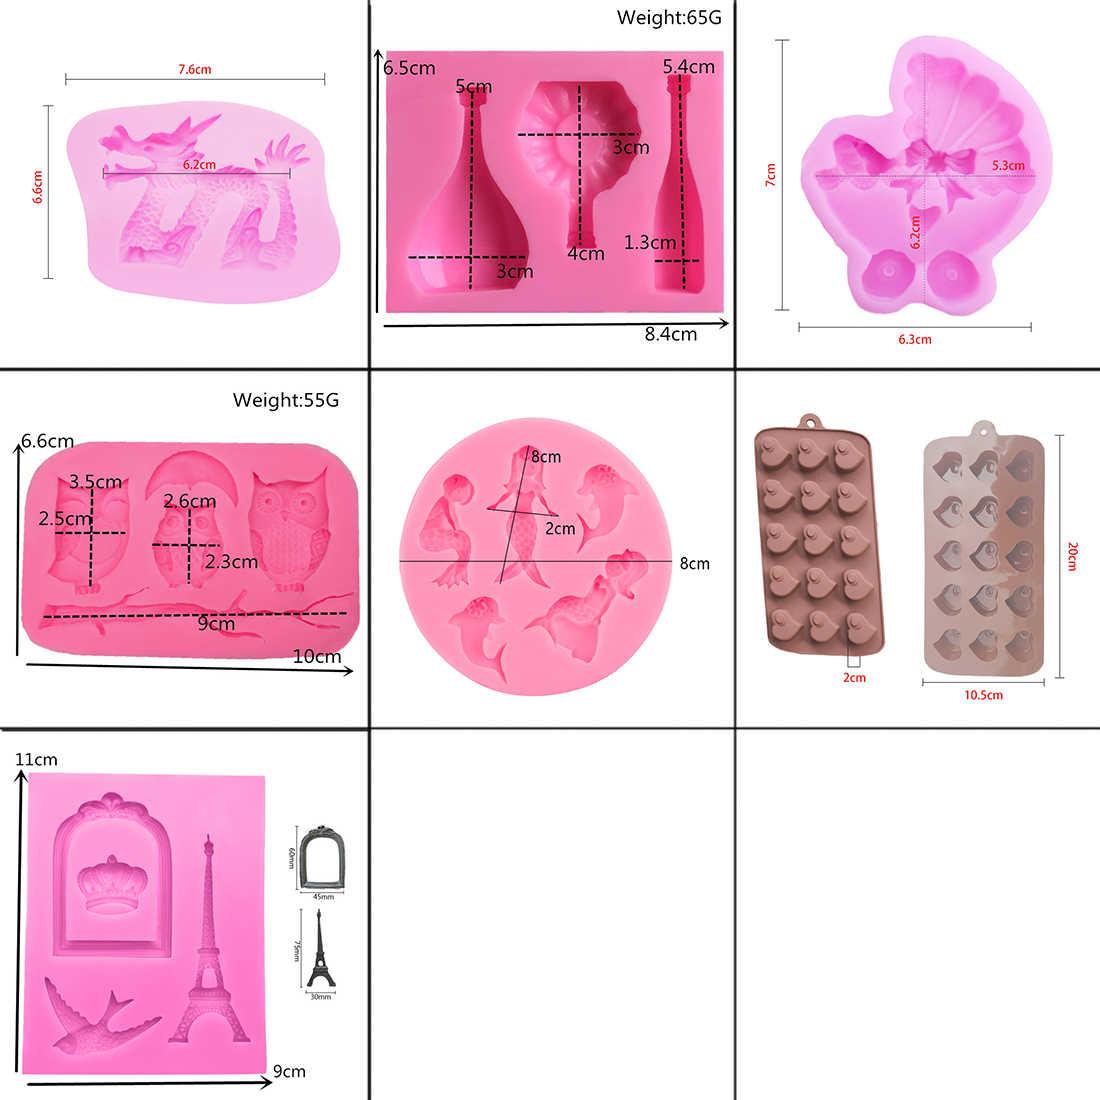 Силиконовая форма, 1 шт., форма для выпечки, инструменты для украшения торта, форма русалки/шишки, форма для шоколада, форма для мыла, трафарет для торта, кухонный инструмент для выпечки